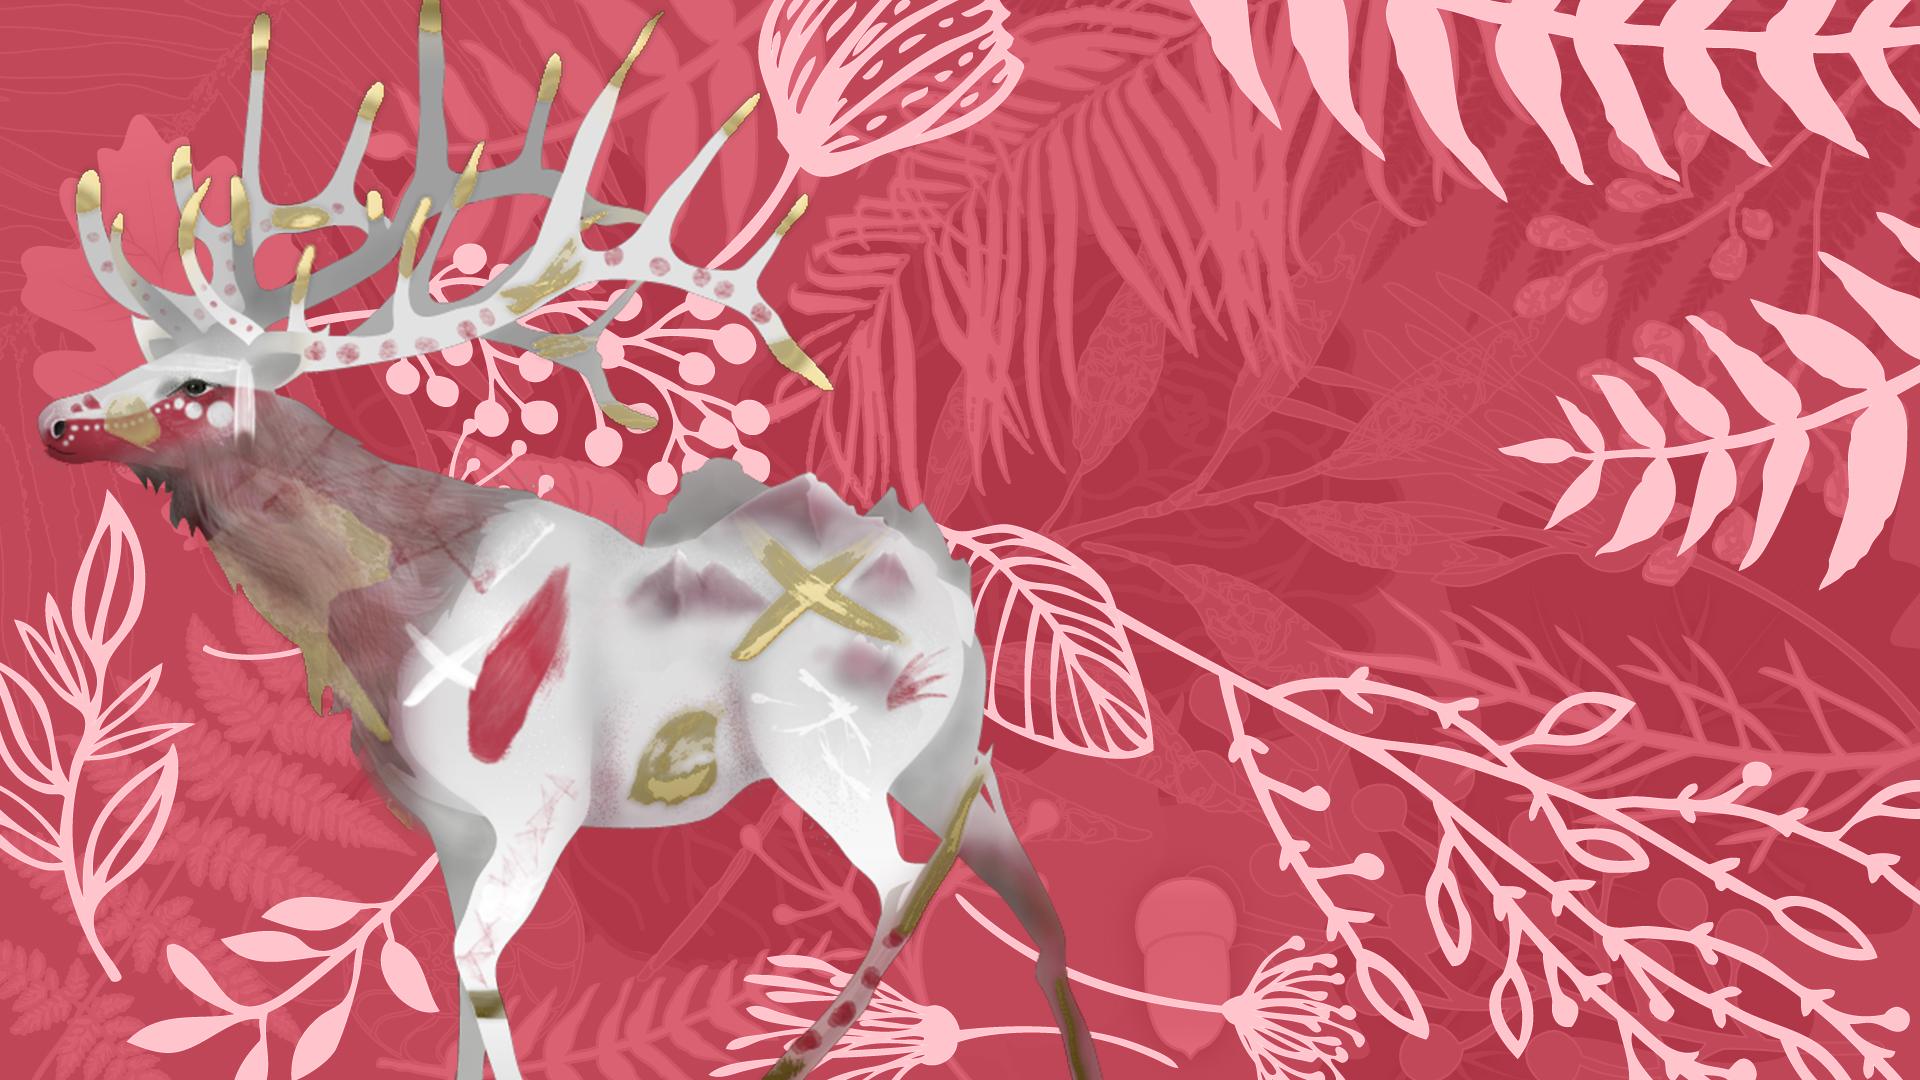 Festival tribus libres 2018 - illustration - bandeau-motif-feuillage-wapiti-rouge - article tribu de la terre